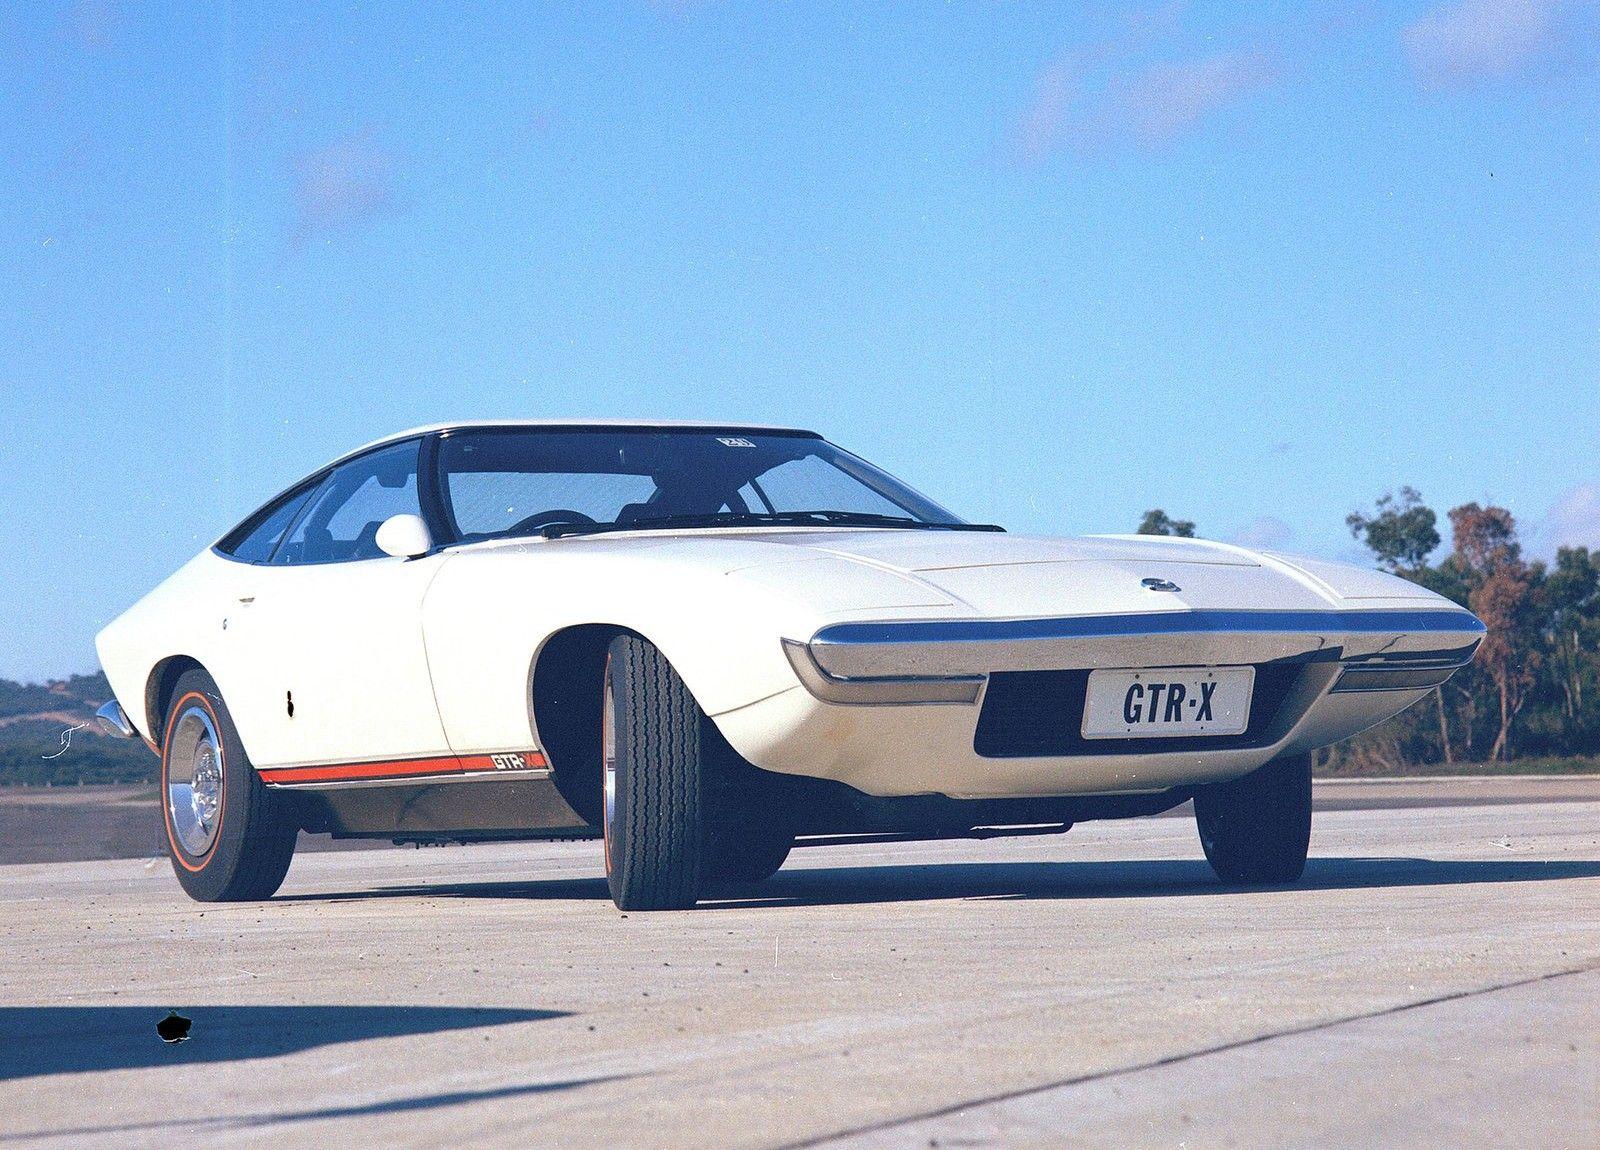 Галерея 1970 Holden Torana GTR X Concept. 24 свежих и актуальных фотографий. Пресс-релиз, рейтинг, заметки на тему 1970 Holden Torana GTR X Concept